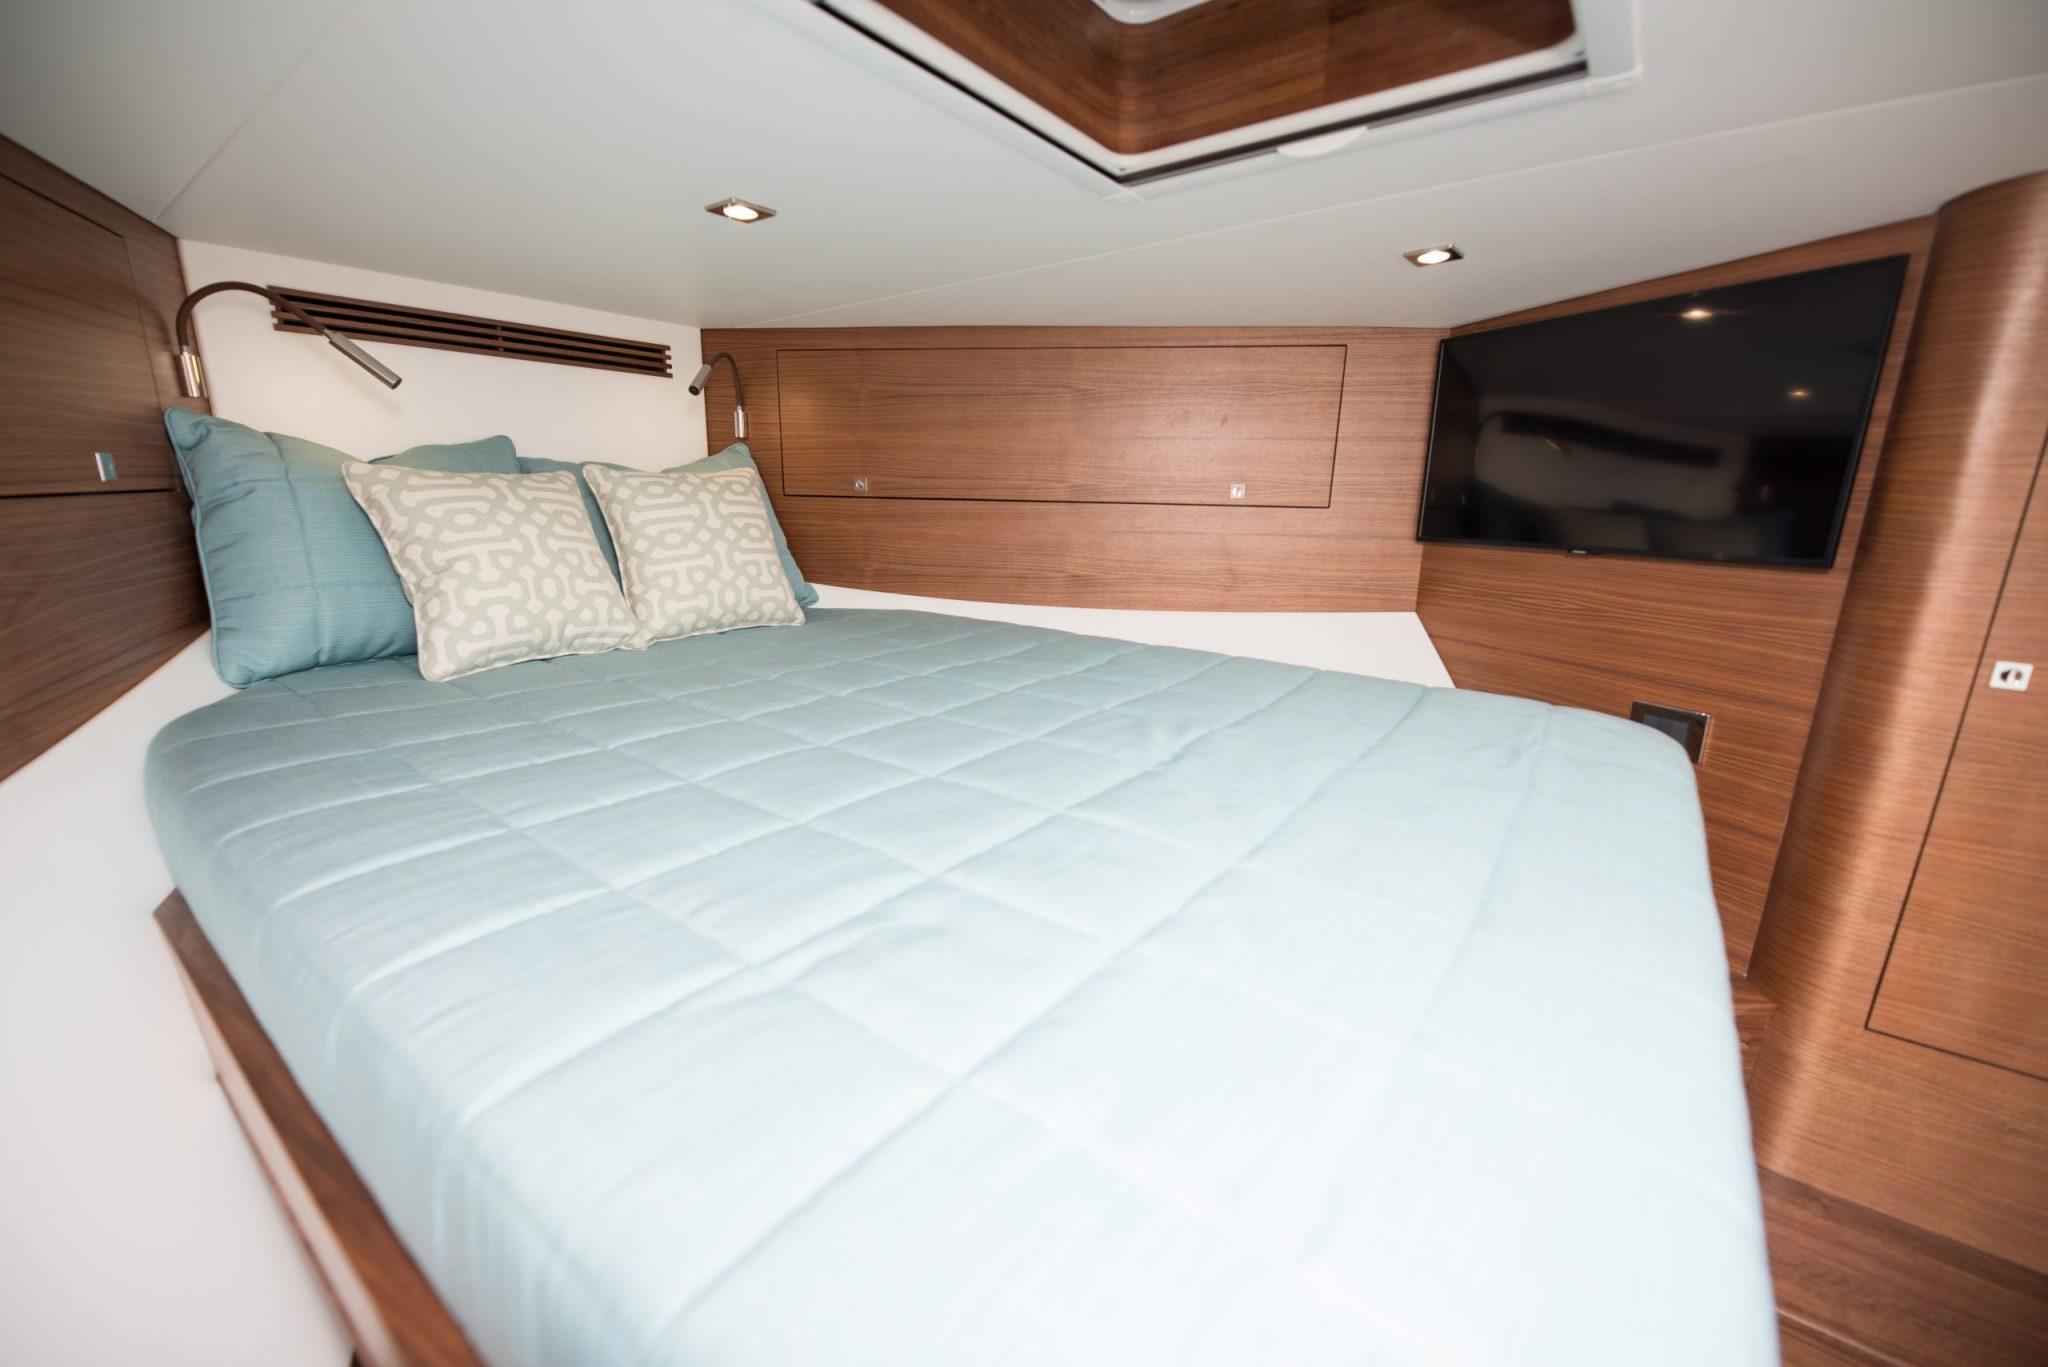 bed in boat